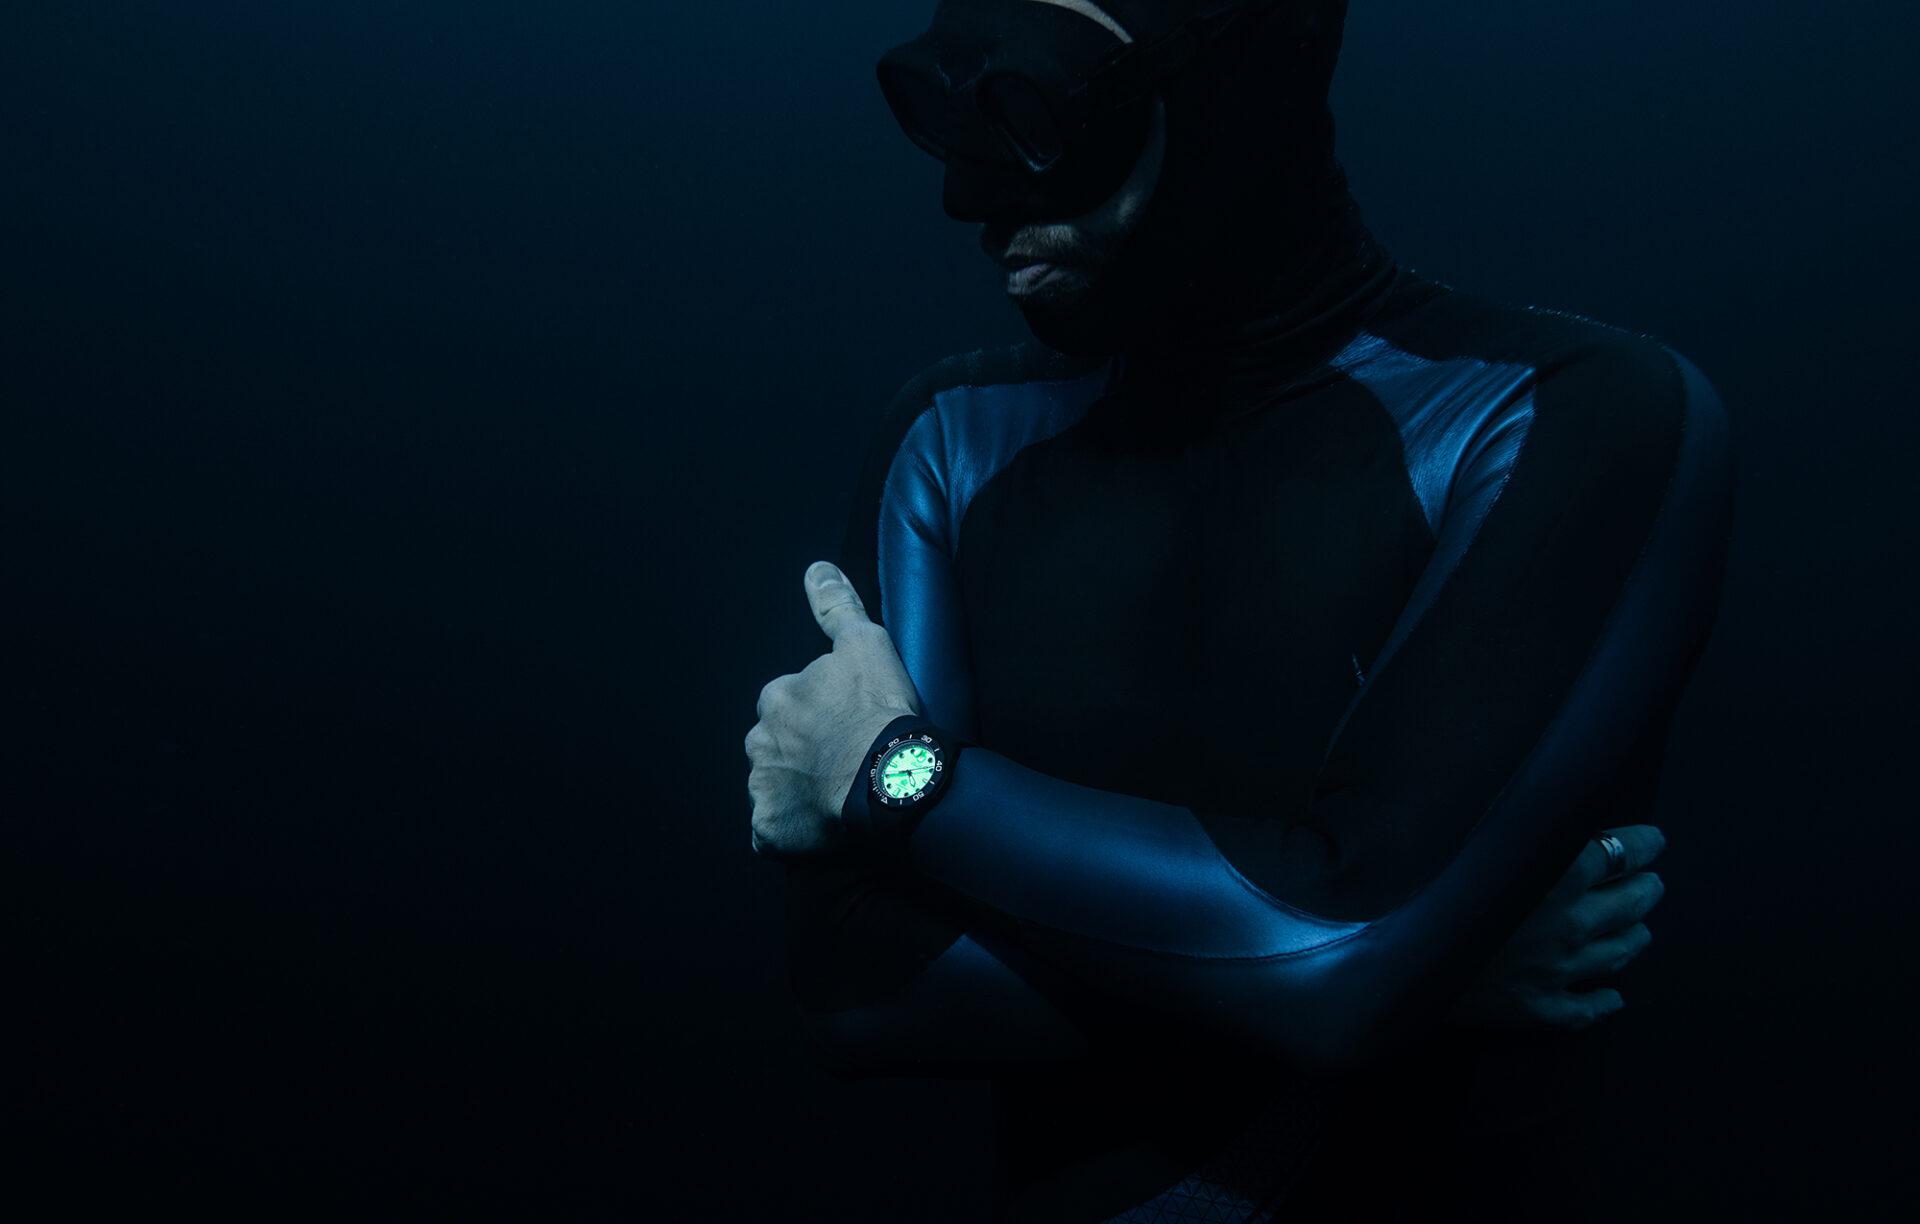 Night Diver en la oscuridad